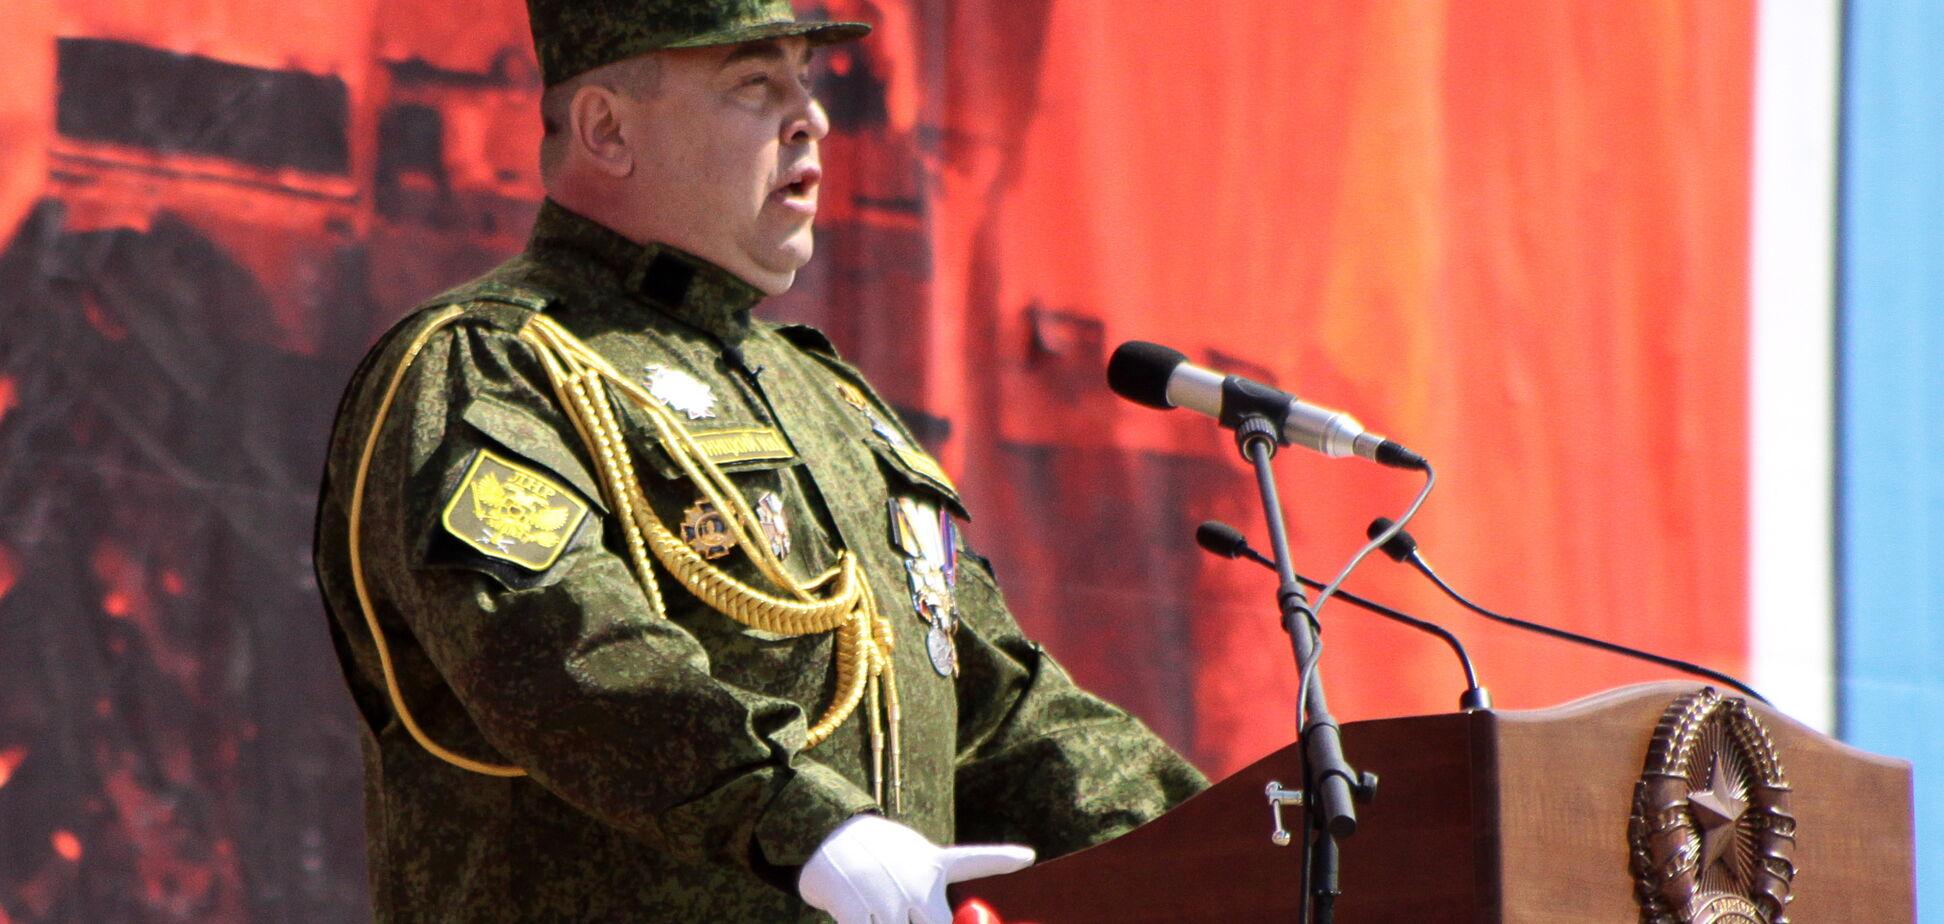 Самі собі суперечать: журналіст вказав на цікаве в риториці ватажків 'ЛНР'